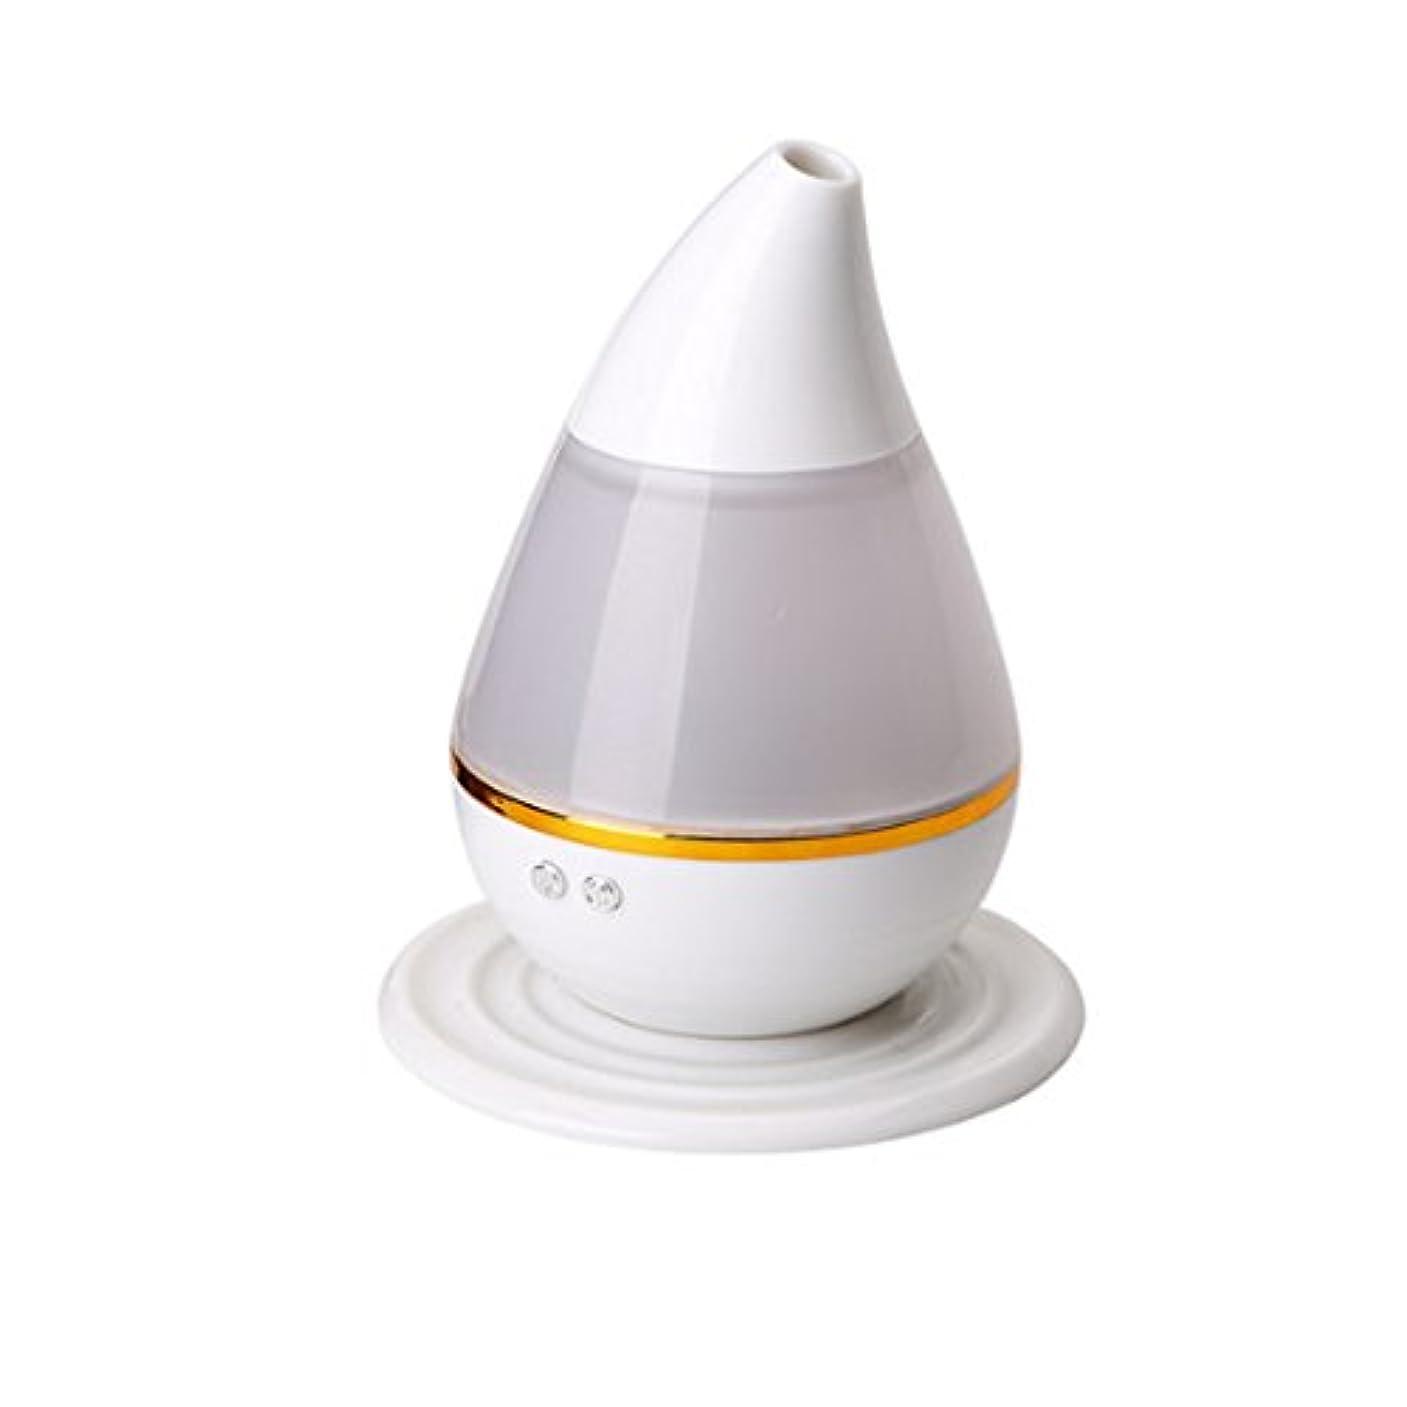 弱い夕食を作る砂利Smilemall 加湿器 卓上加湿器 USB加湿器 アロマディフューザー 超音波式/USB給電/自動停止機能/車用/卓上/ オフィス/7色変換